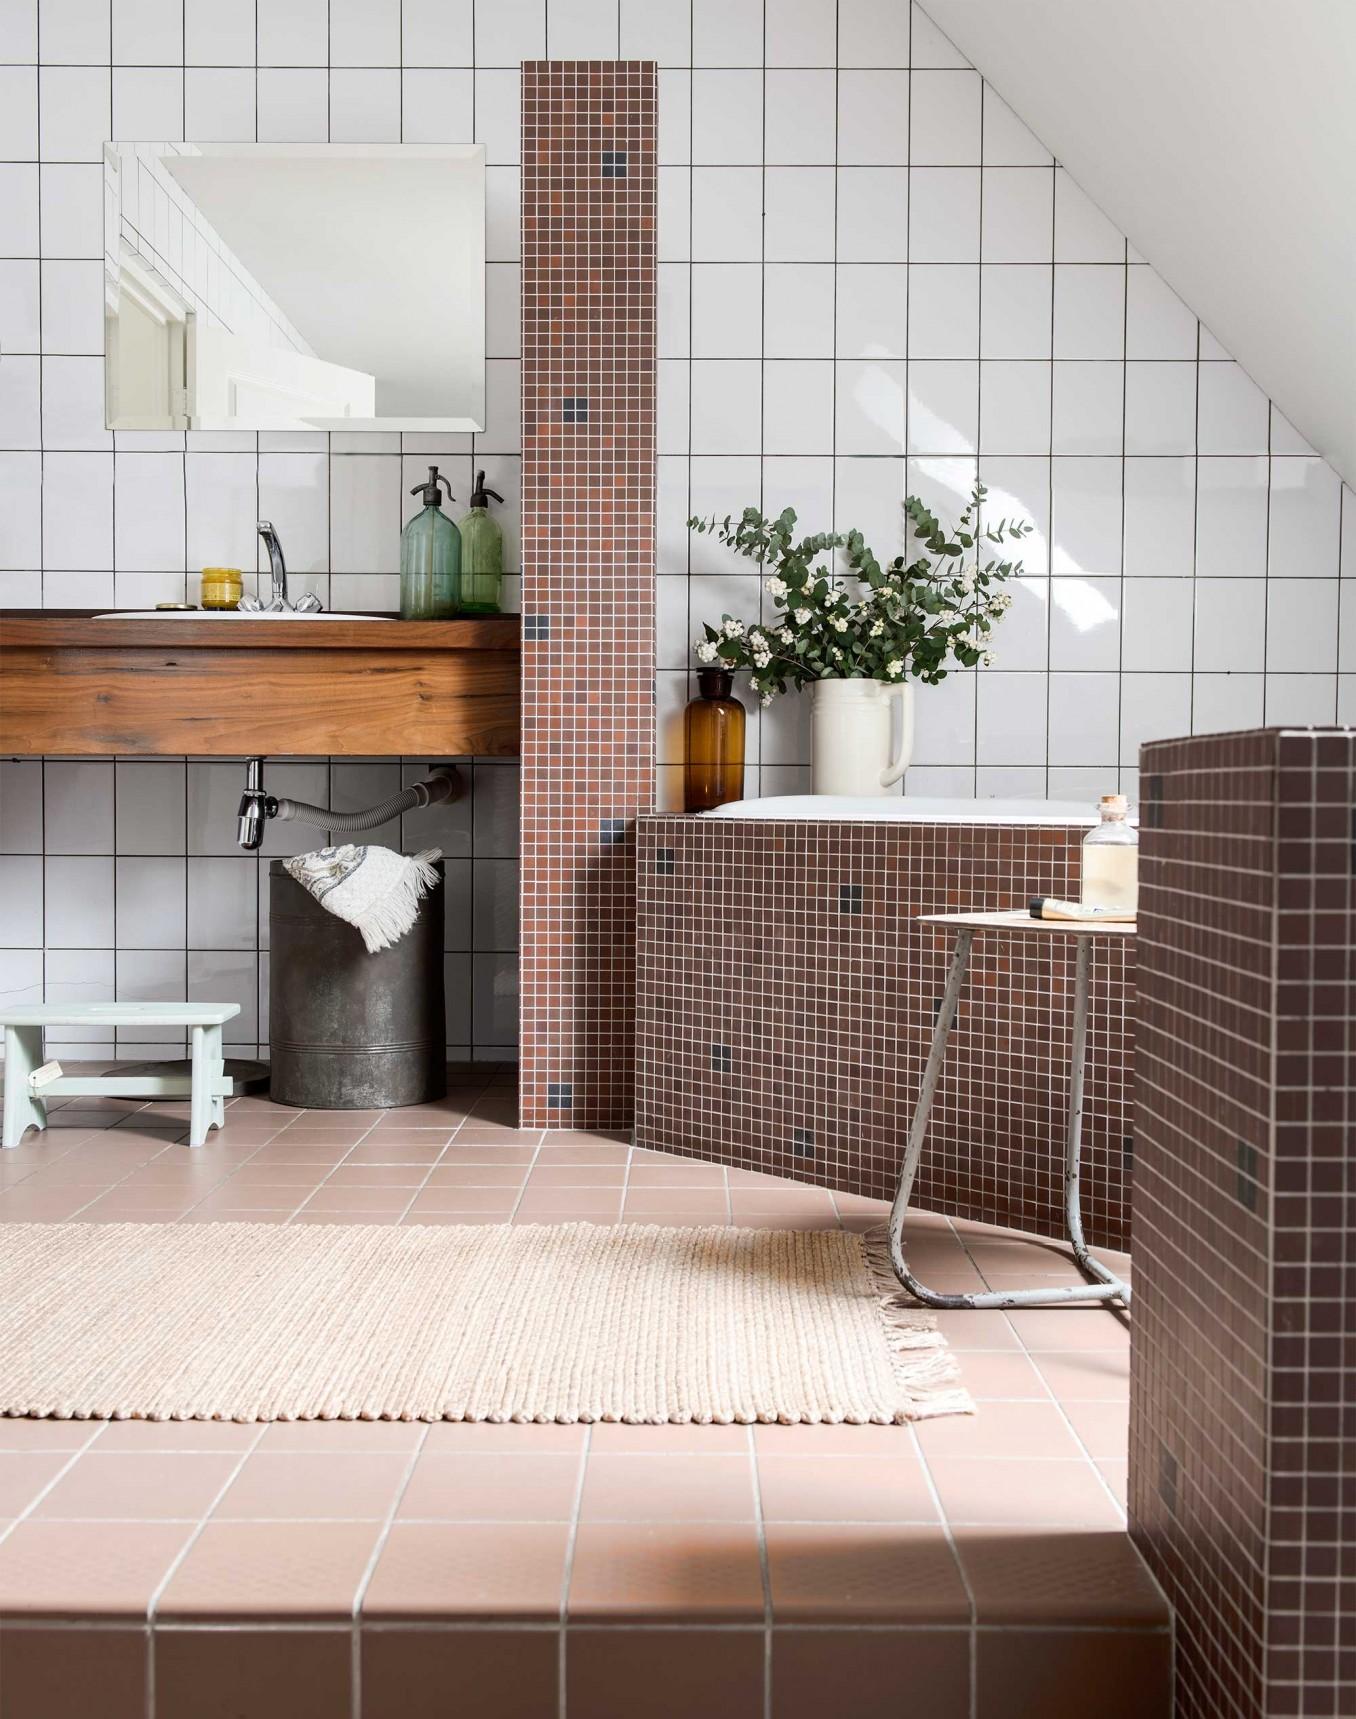 Une très belle salle de bain et ses petits carreaux de mosaïque cuivrée. Découvrez plus de photos de cet intérieur rustique chic dans l'article.